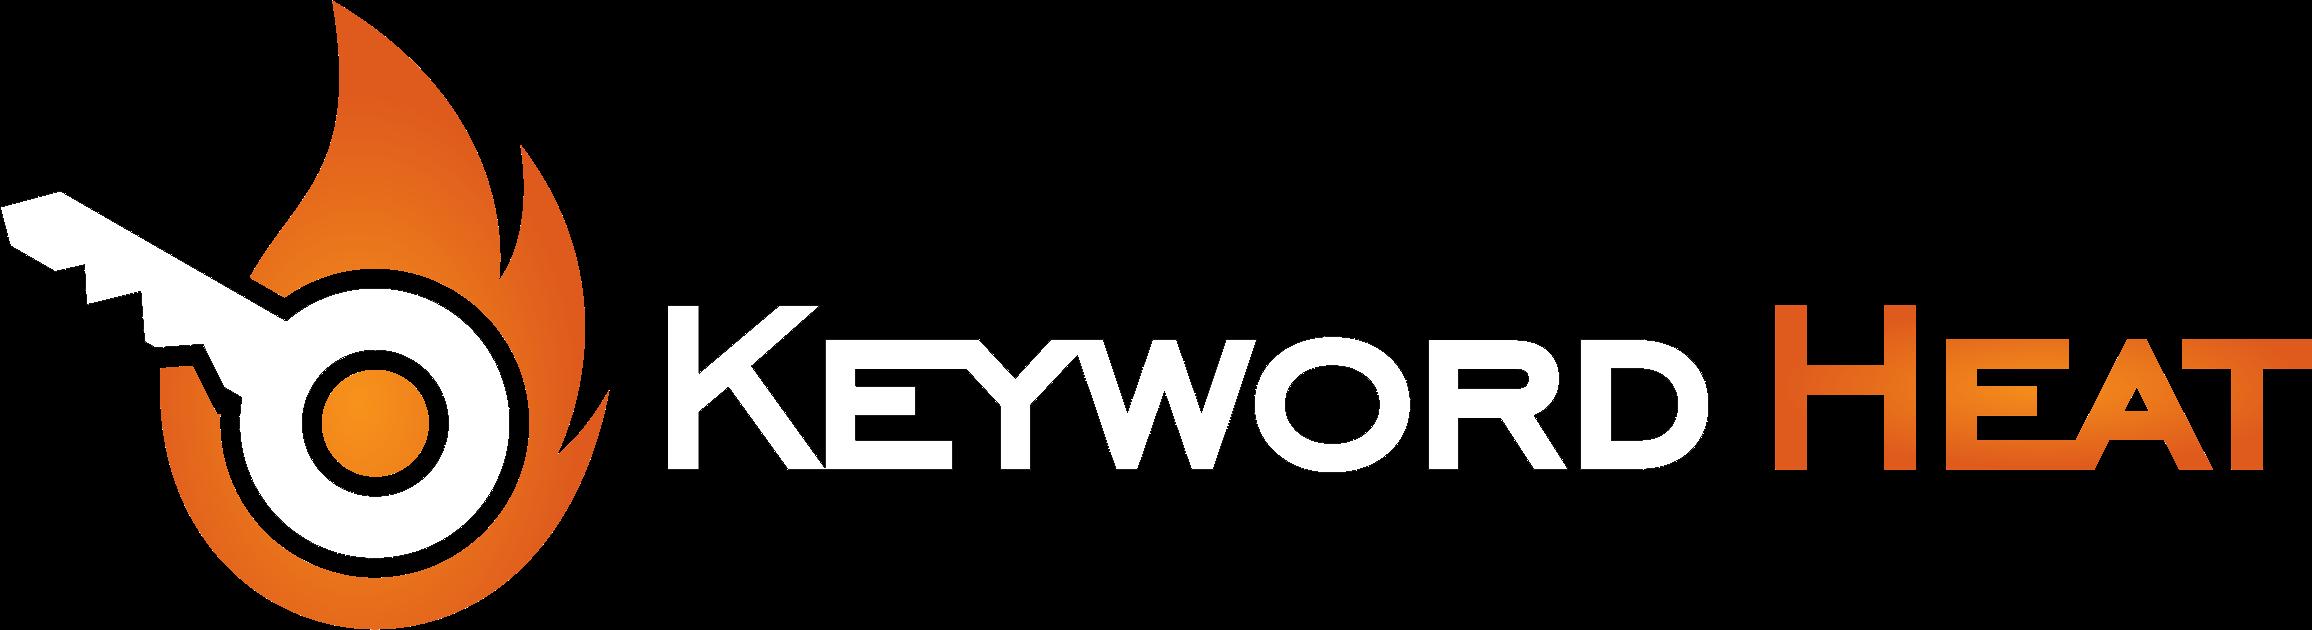 keyword heat white logo